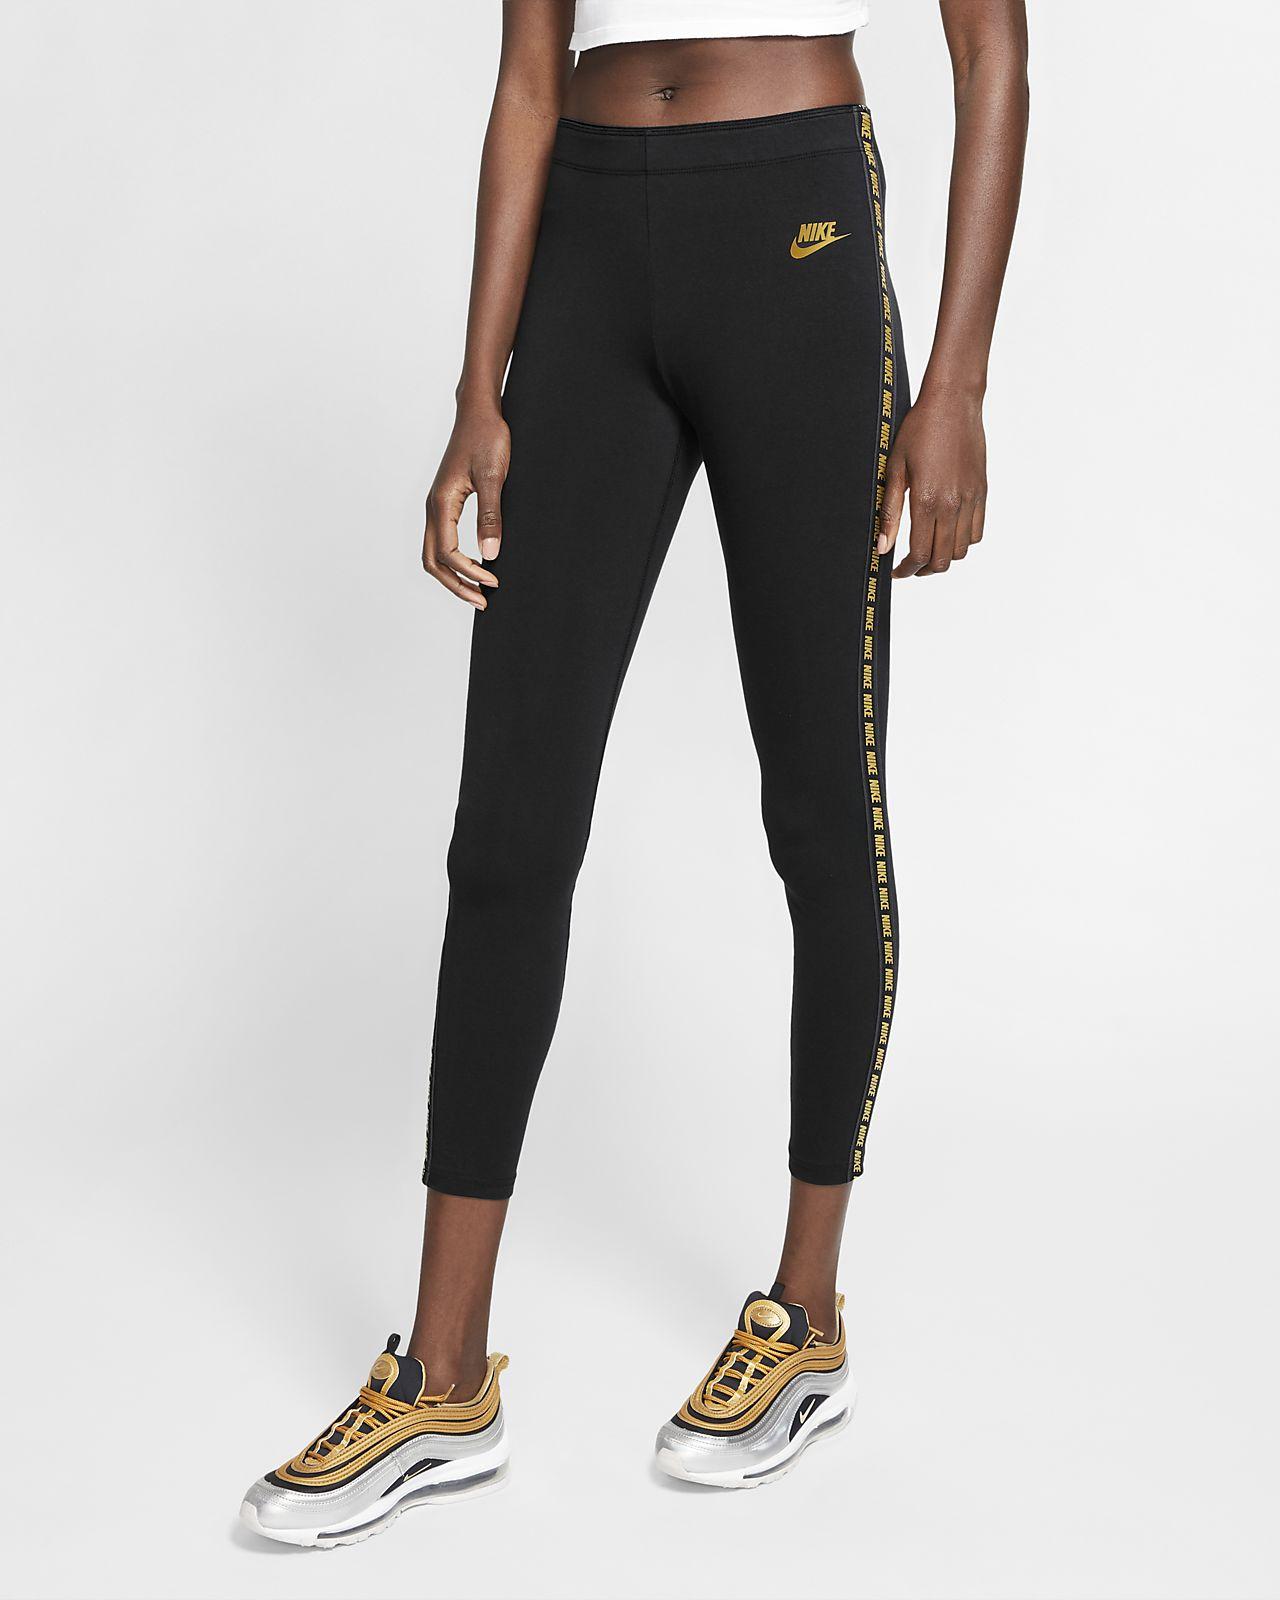 Nike Sportswear Damen-Leggings